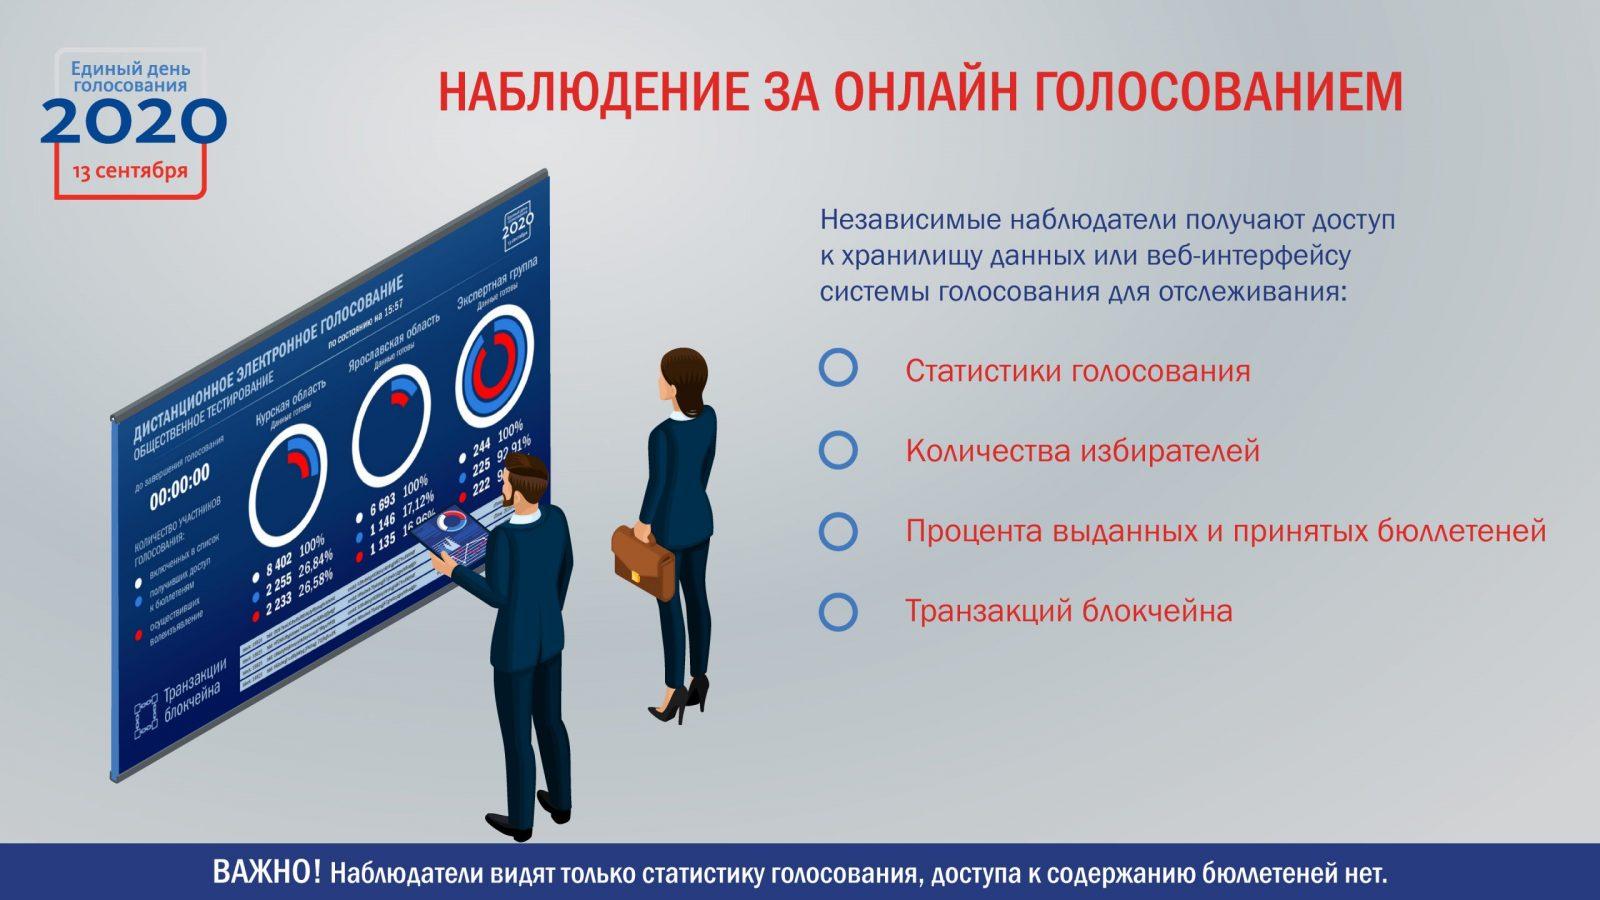 «Ростелеком» организовал наблюдение за ходом дистанционного голосования